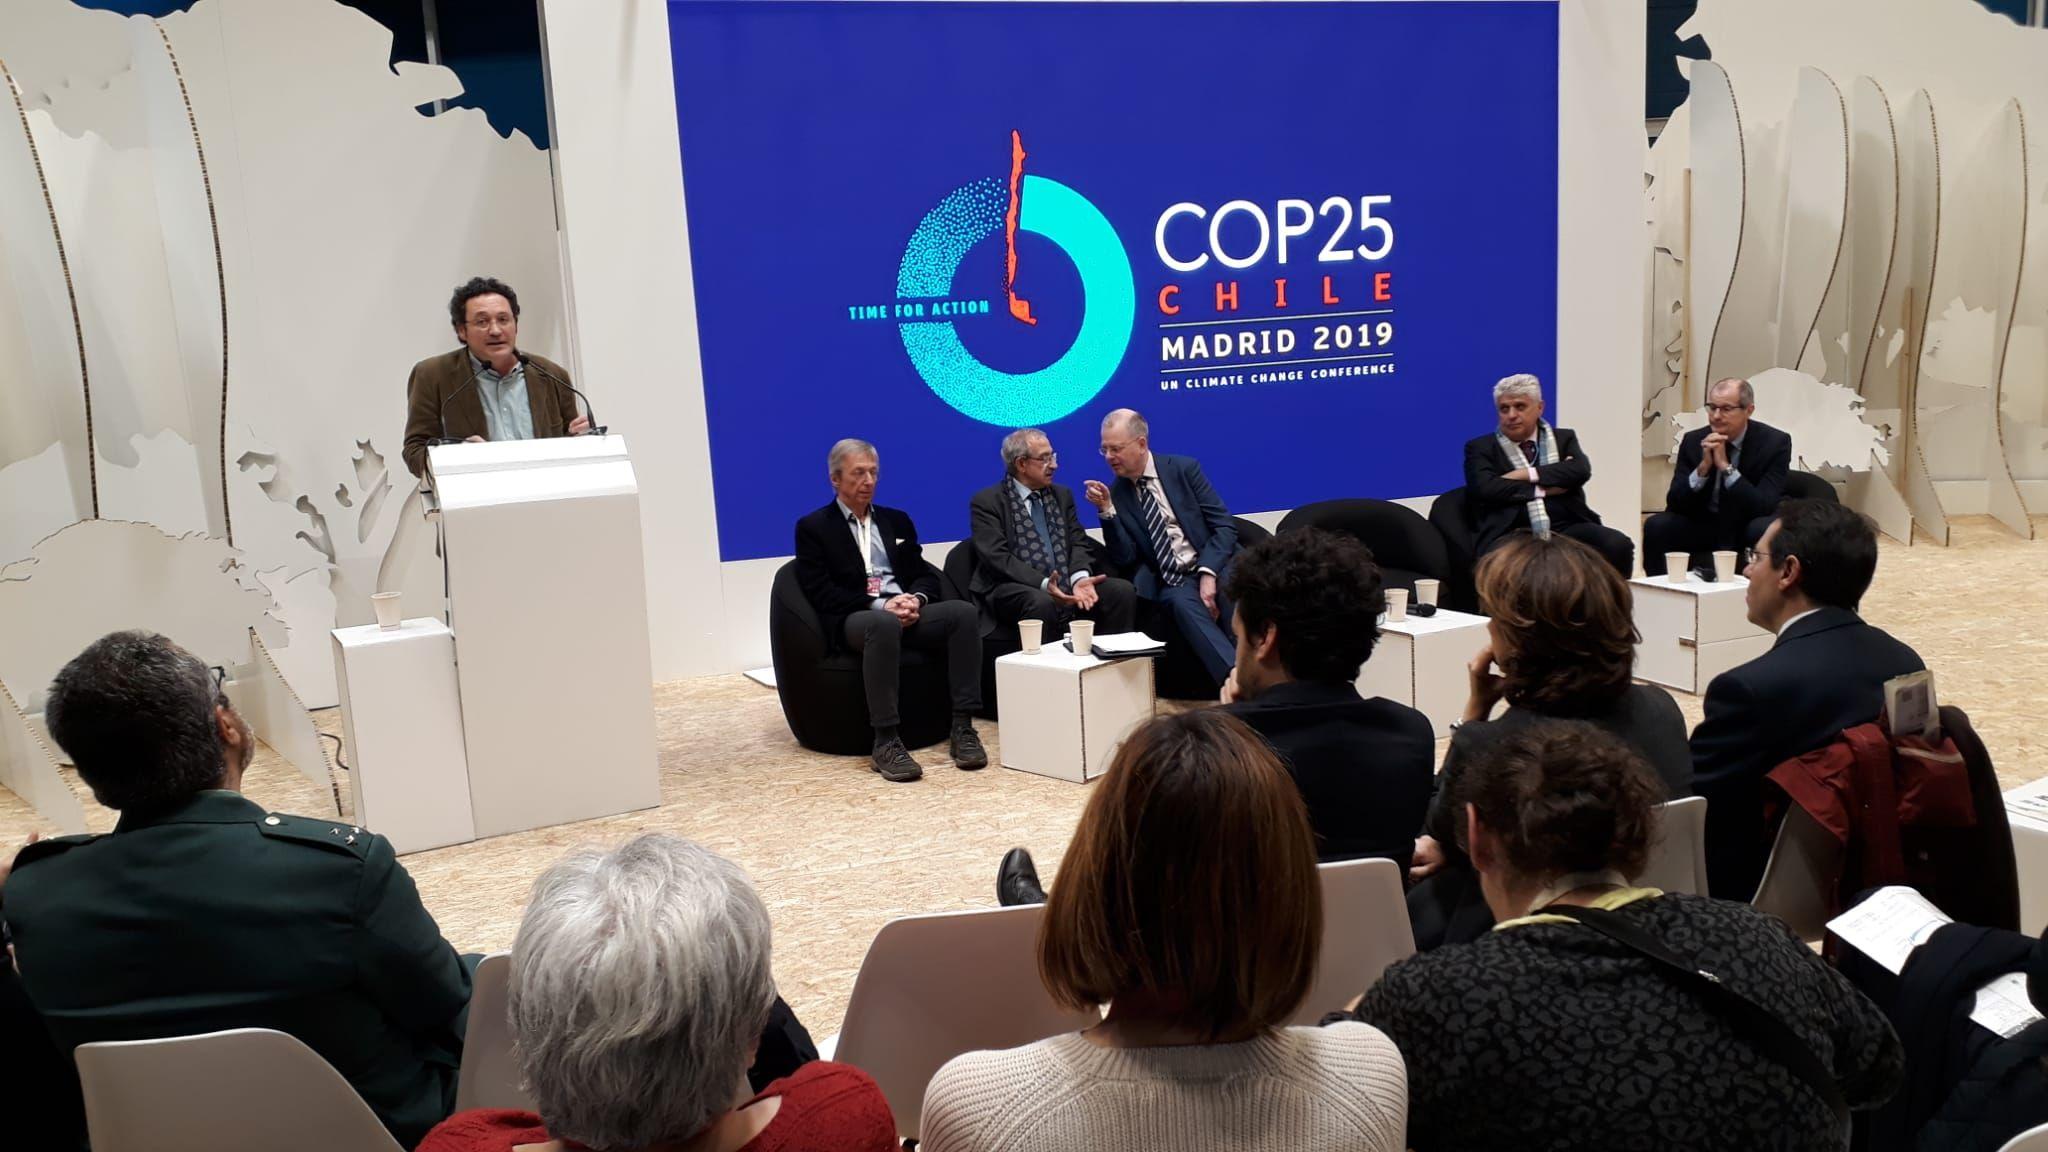 2019, el año con menos muertos con accidentes de tráfico.García Ortiz, durante su intervención en un acto con fiscales de medio ambiente en Madrid en el seno de la cumbre sobre el clima